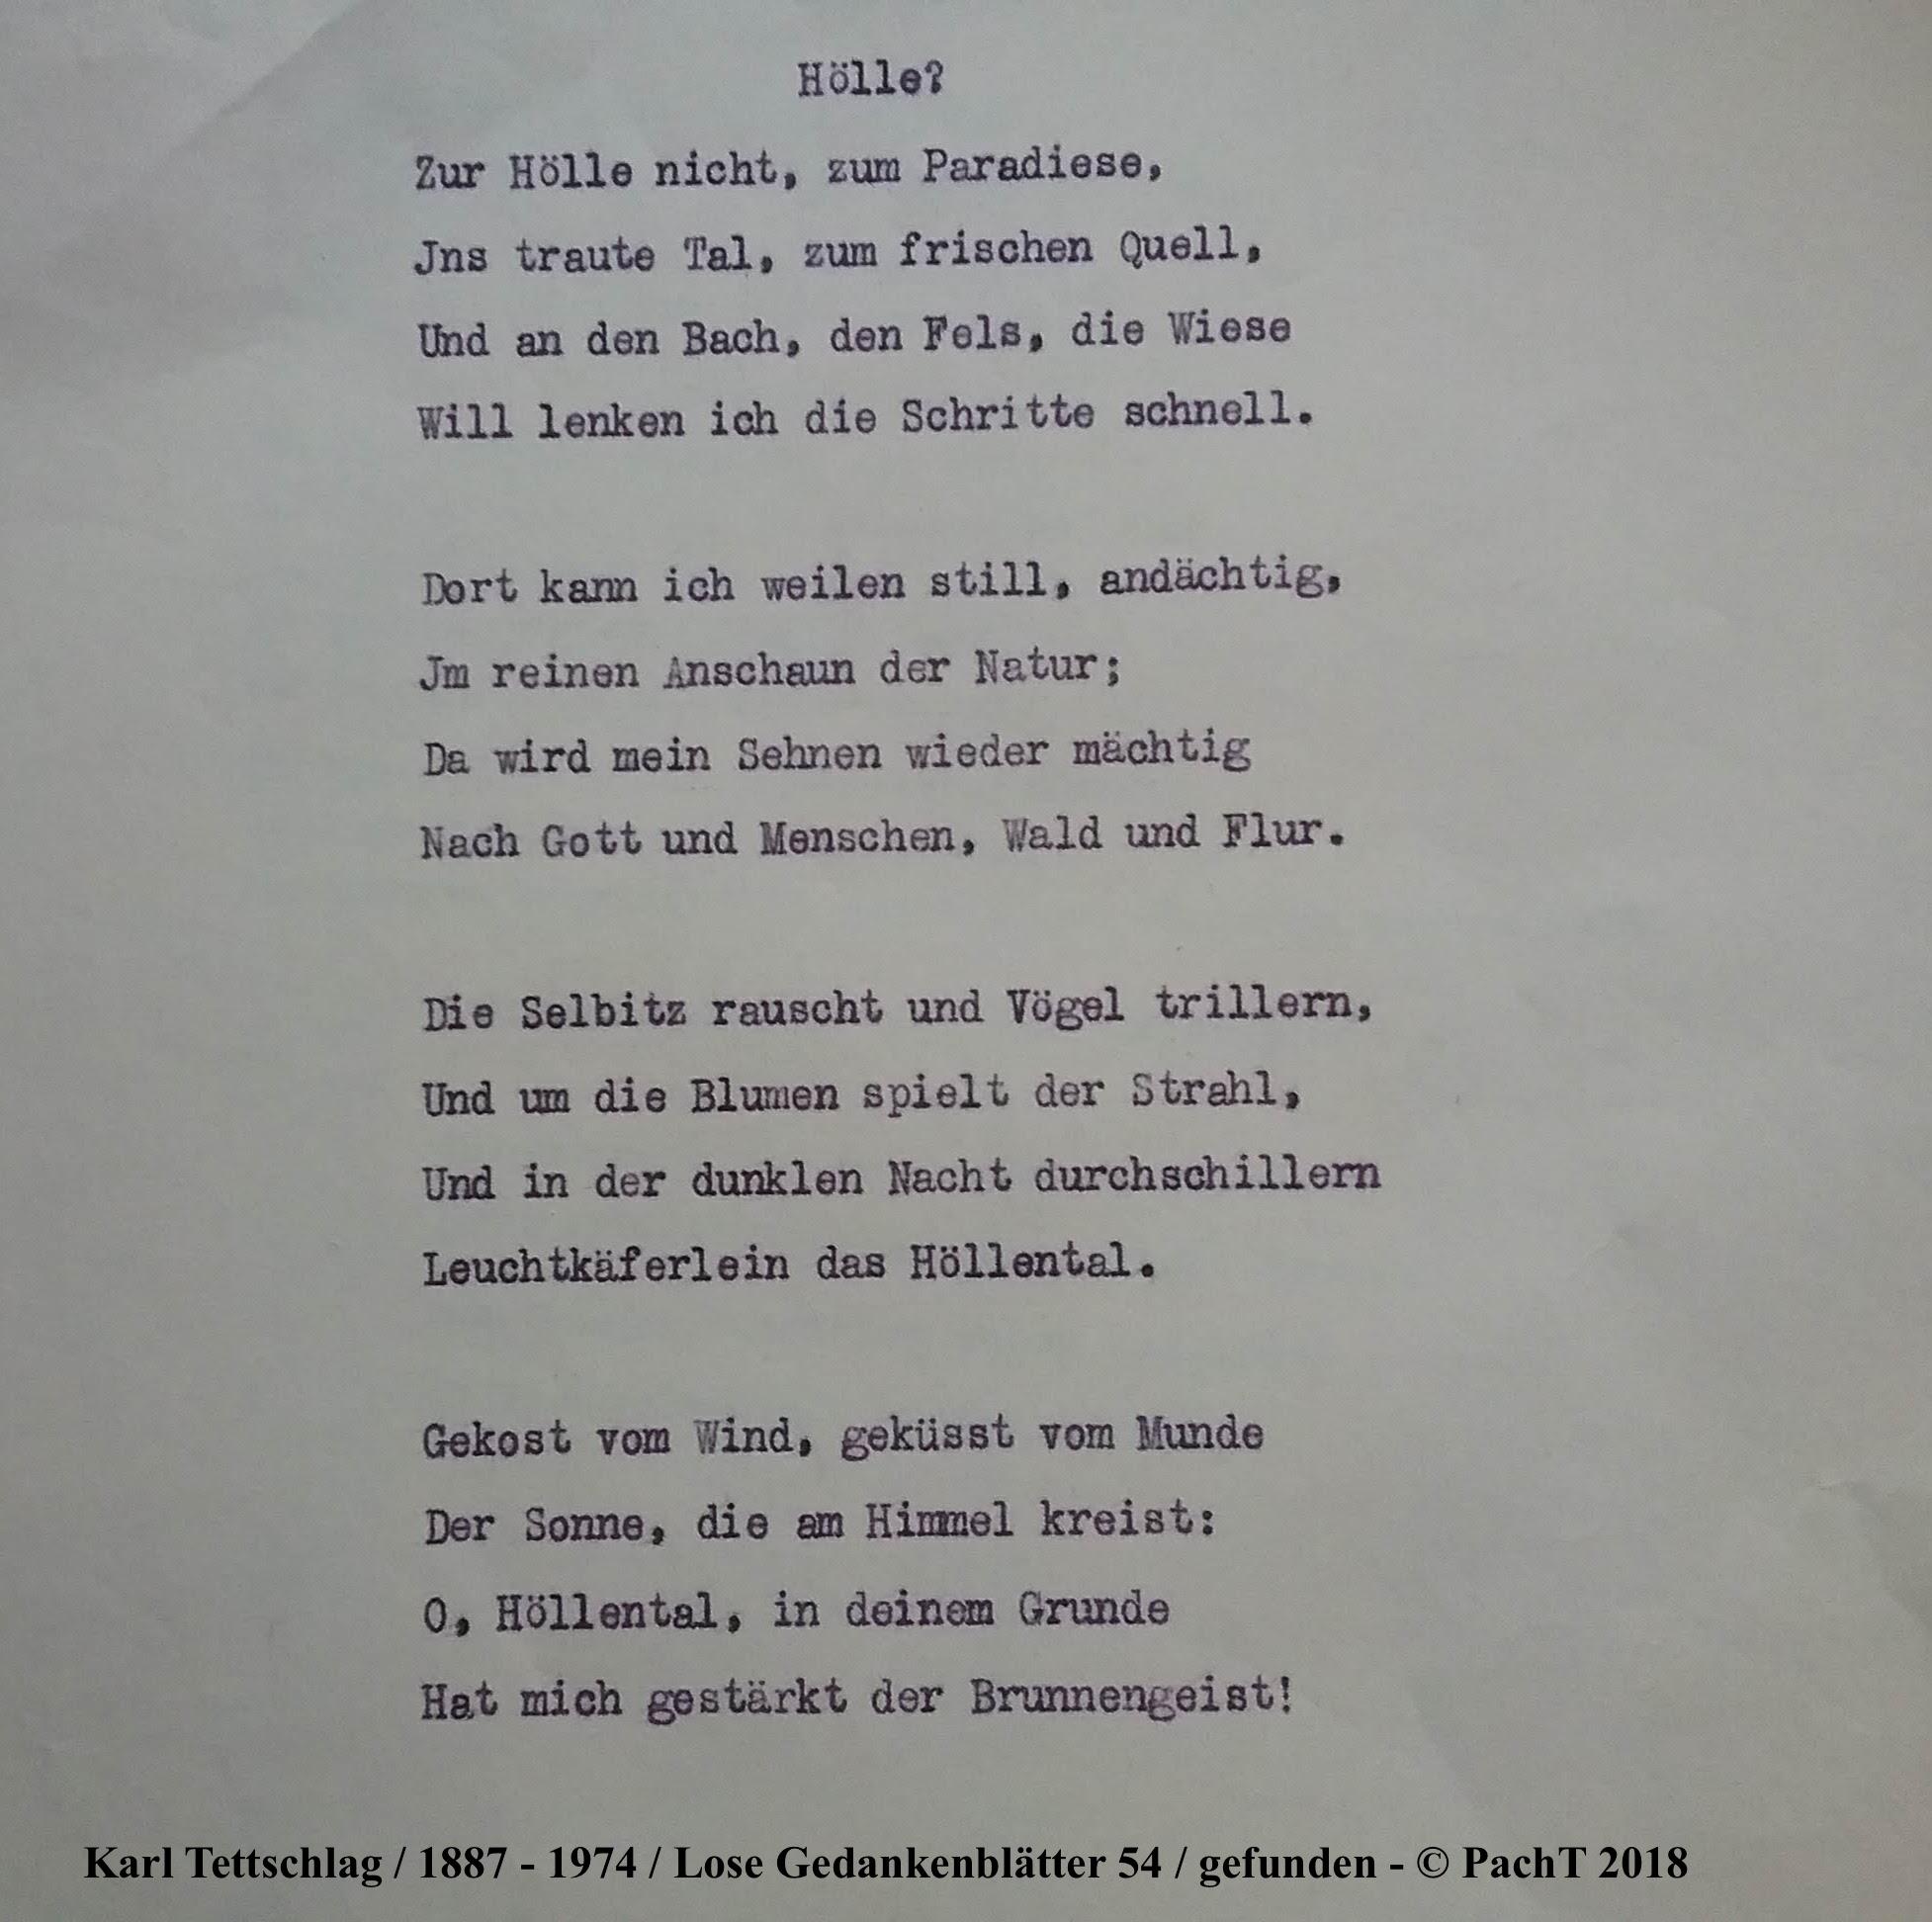 1887 - 1974 Erinnerungen an meinen Opa _ Lose GedankenBlätter 54